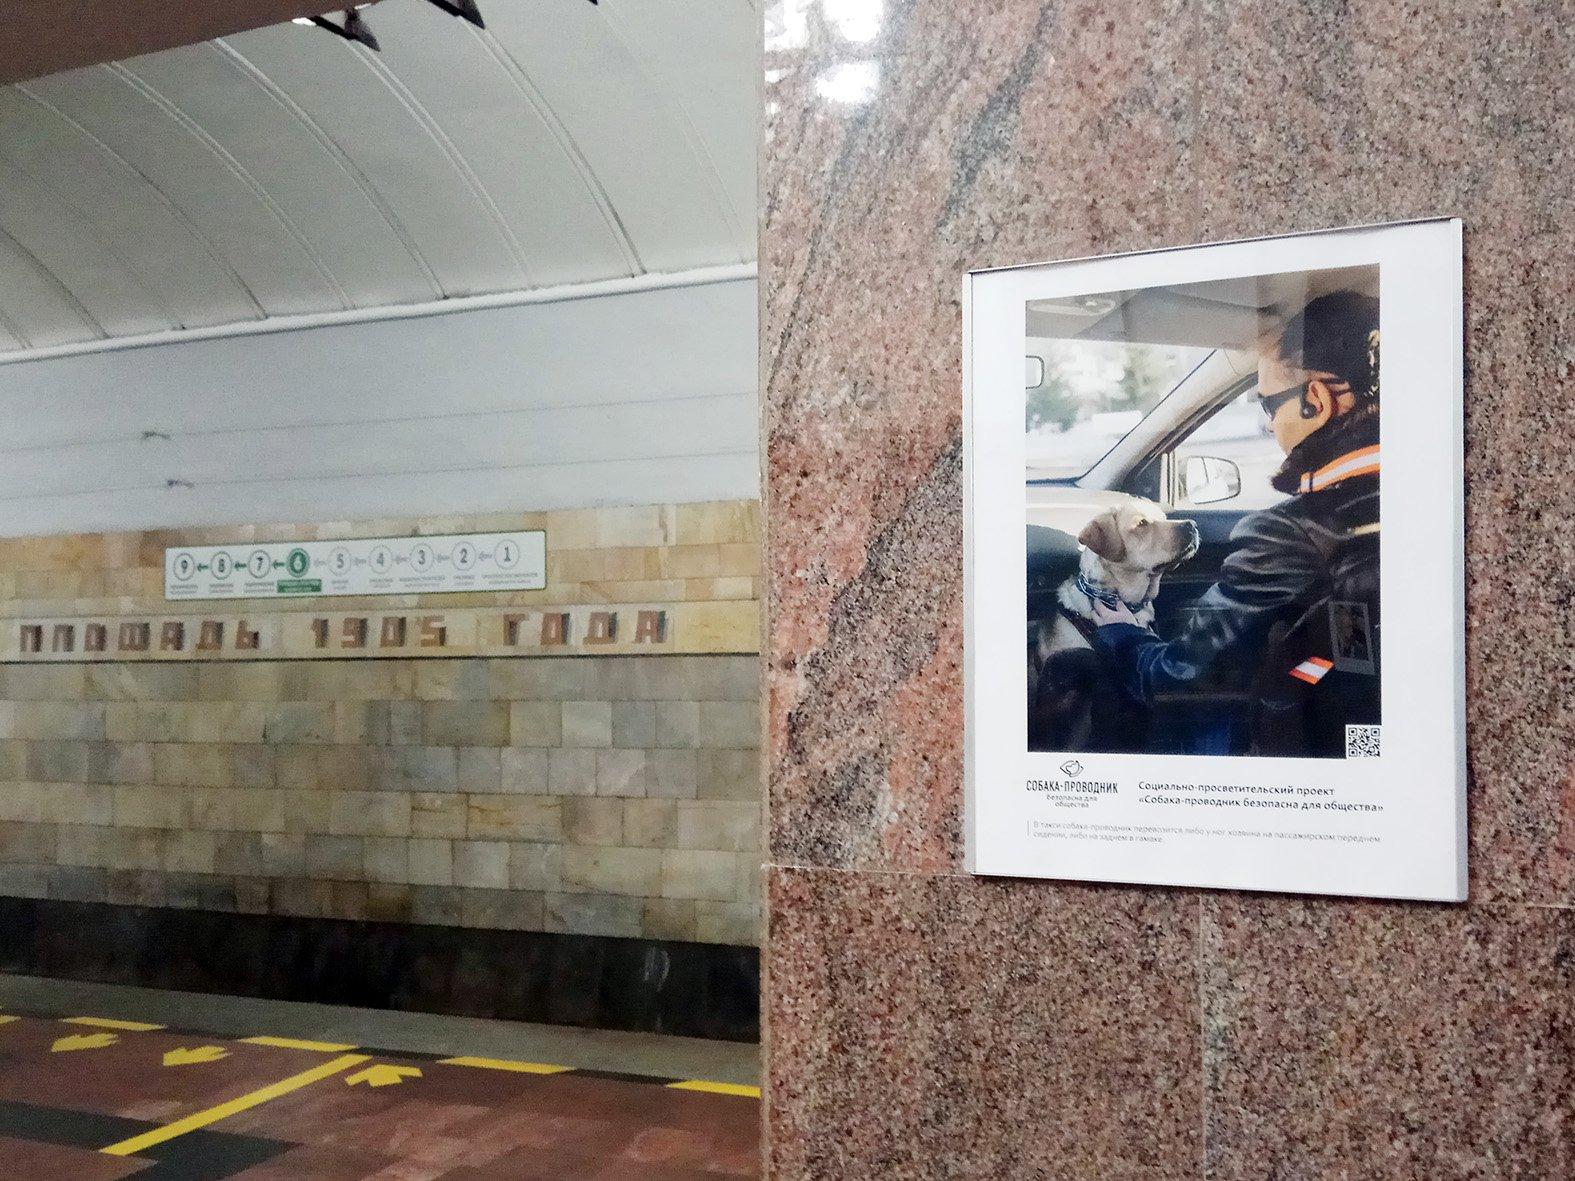 фотовыставка в метро о собаках-поводырях